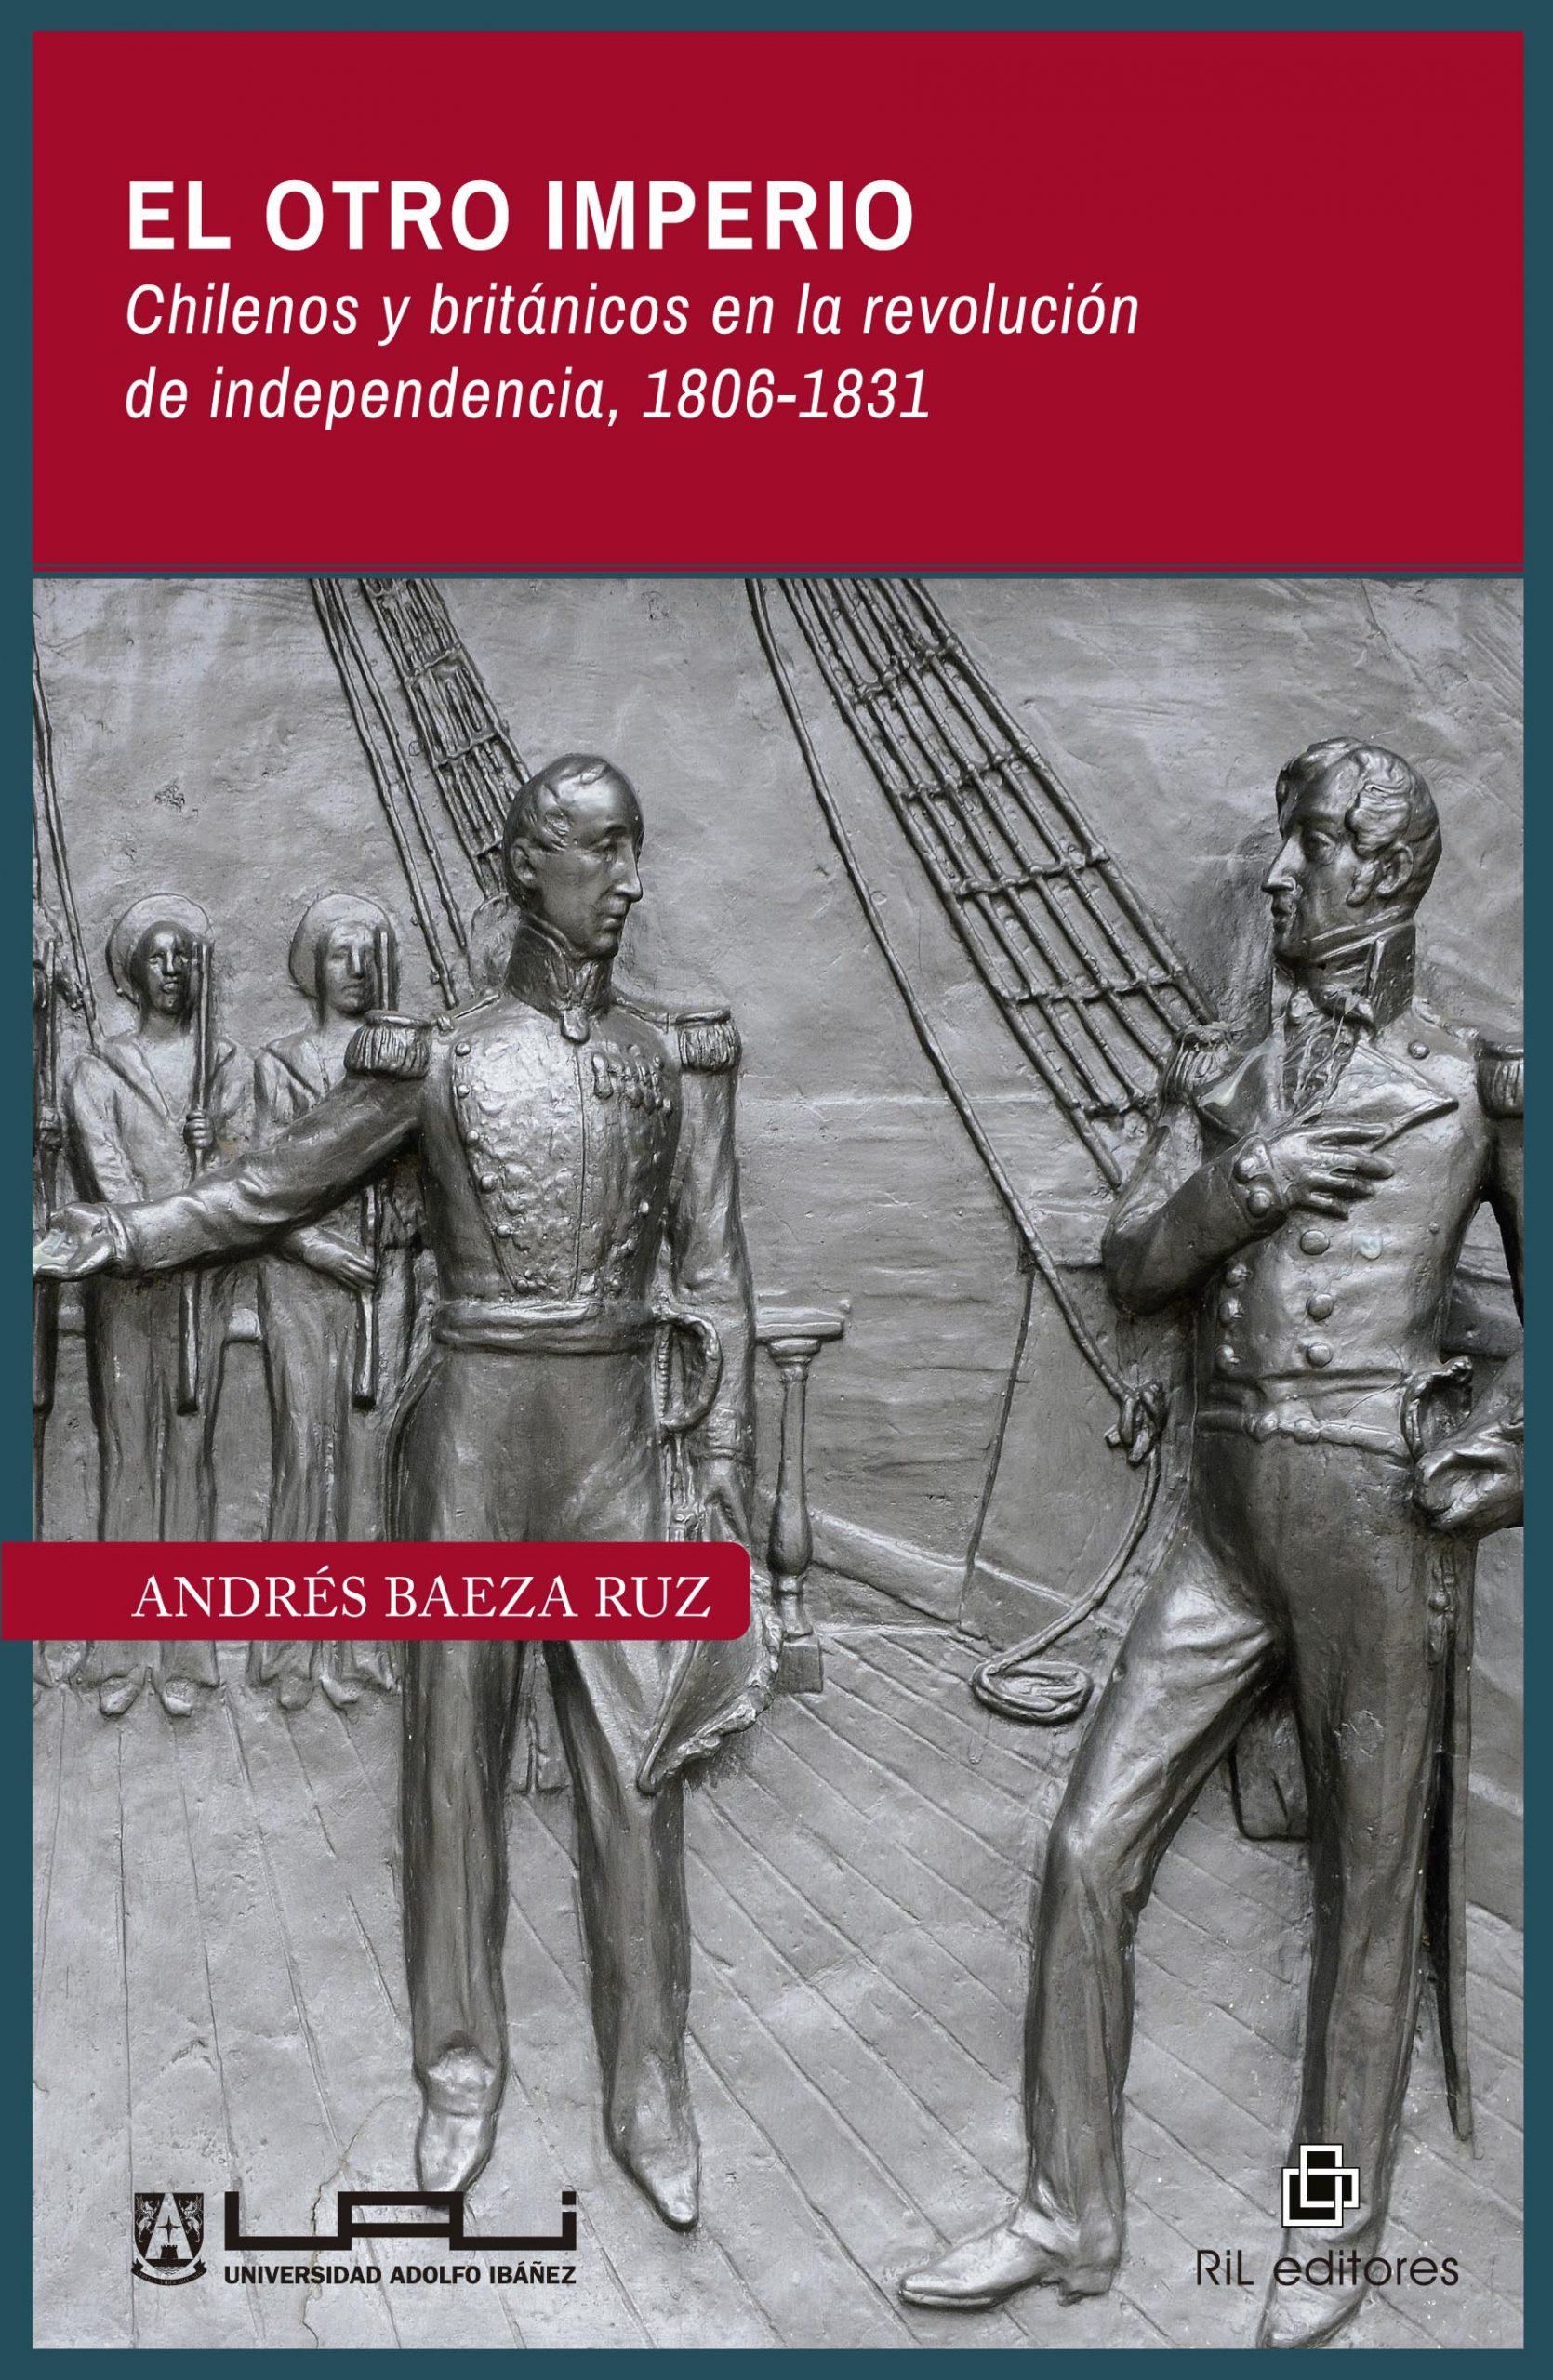 El otro imperio. Chilenos y británicos en la revolución de independencia 1806-1831 1